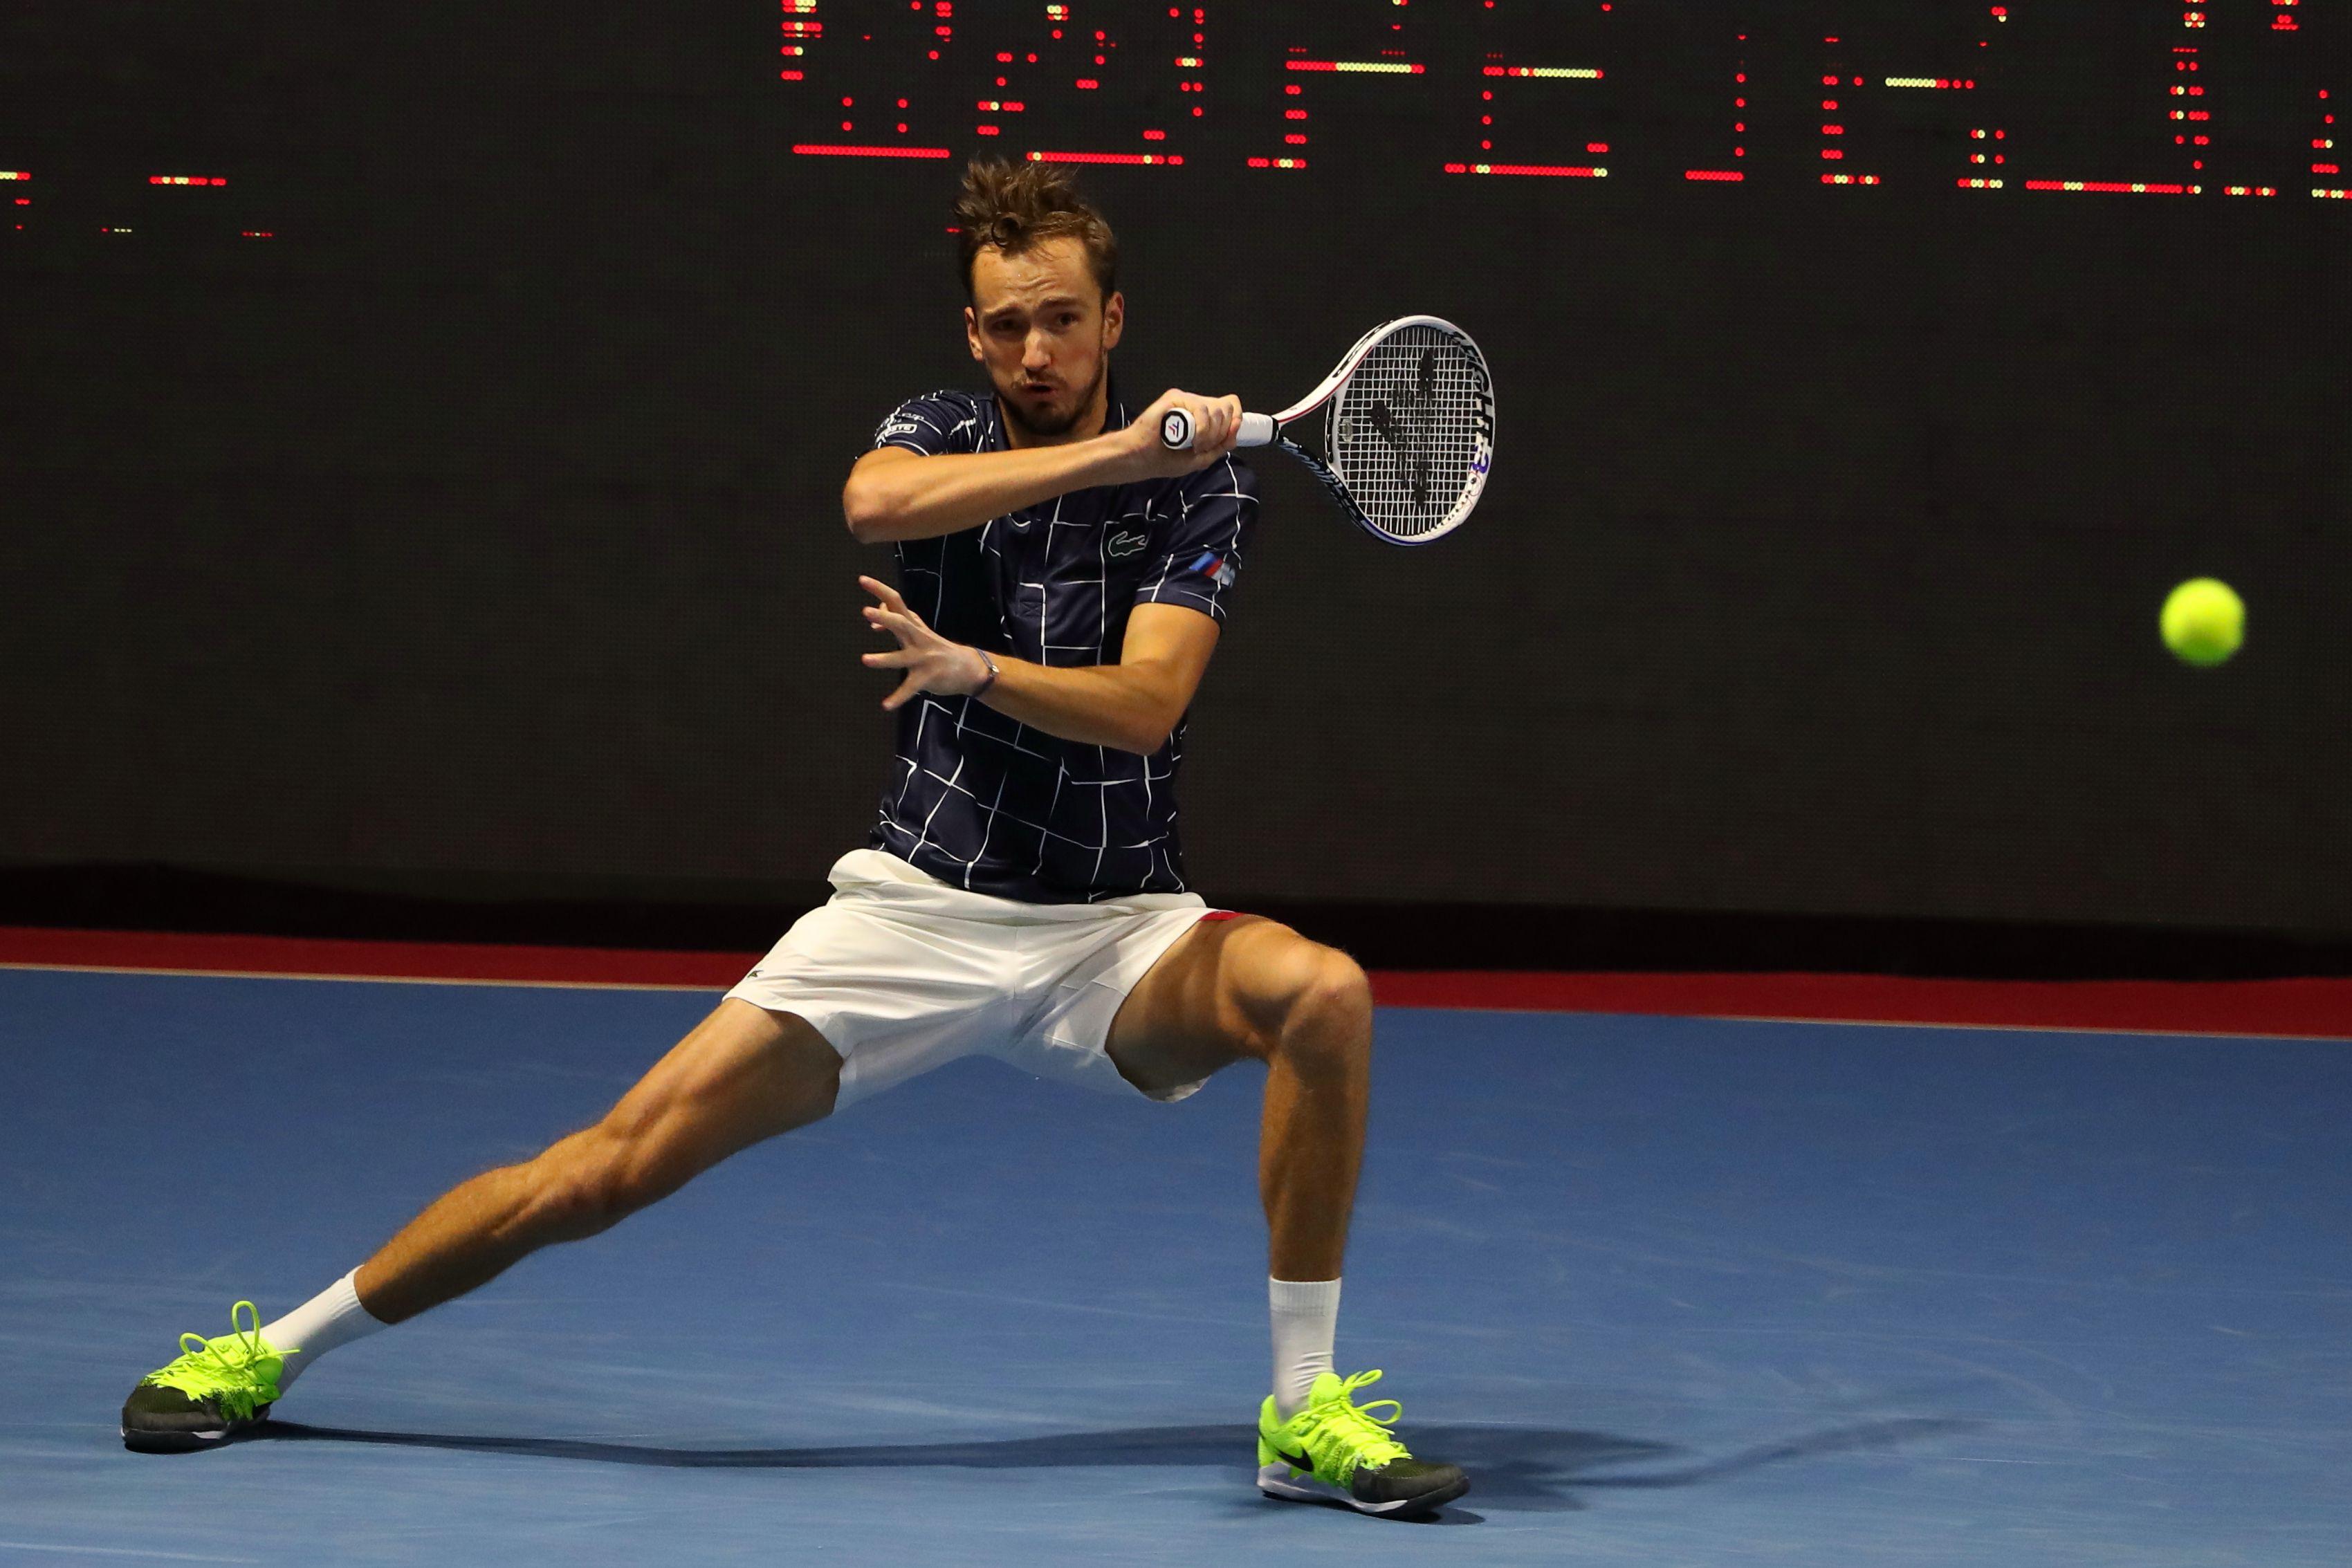 Тарпищев прокомментировал победу Медведева на турнире в Марселе